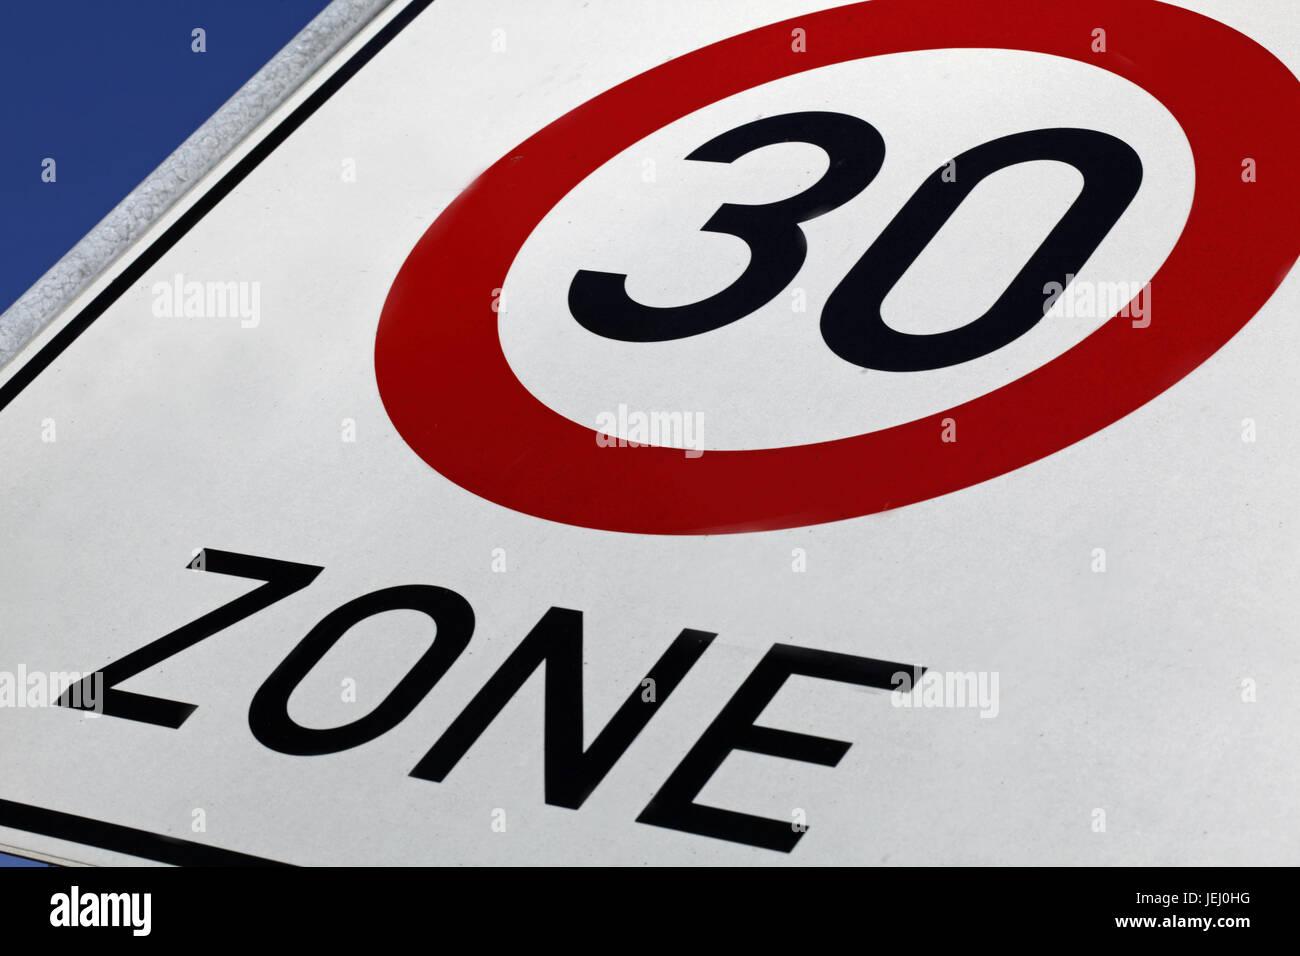 geschwindigkeitsüberschreitung 30 zone